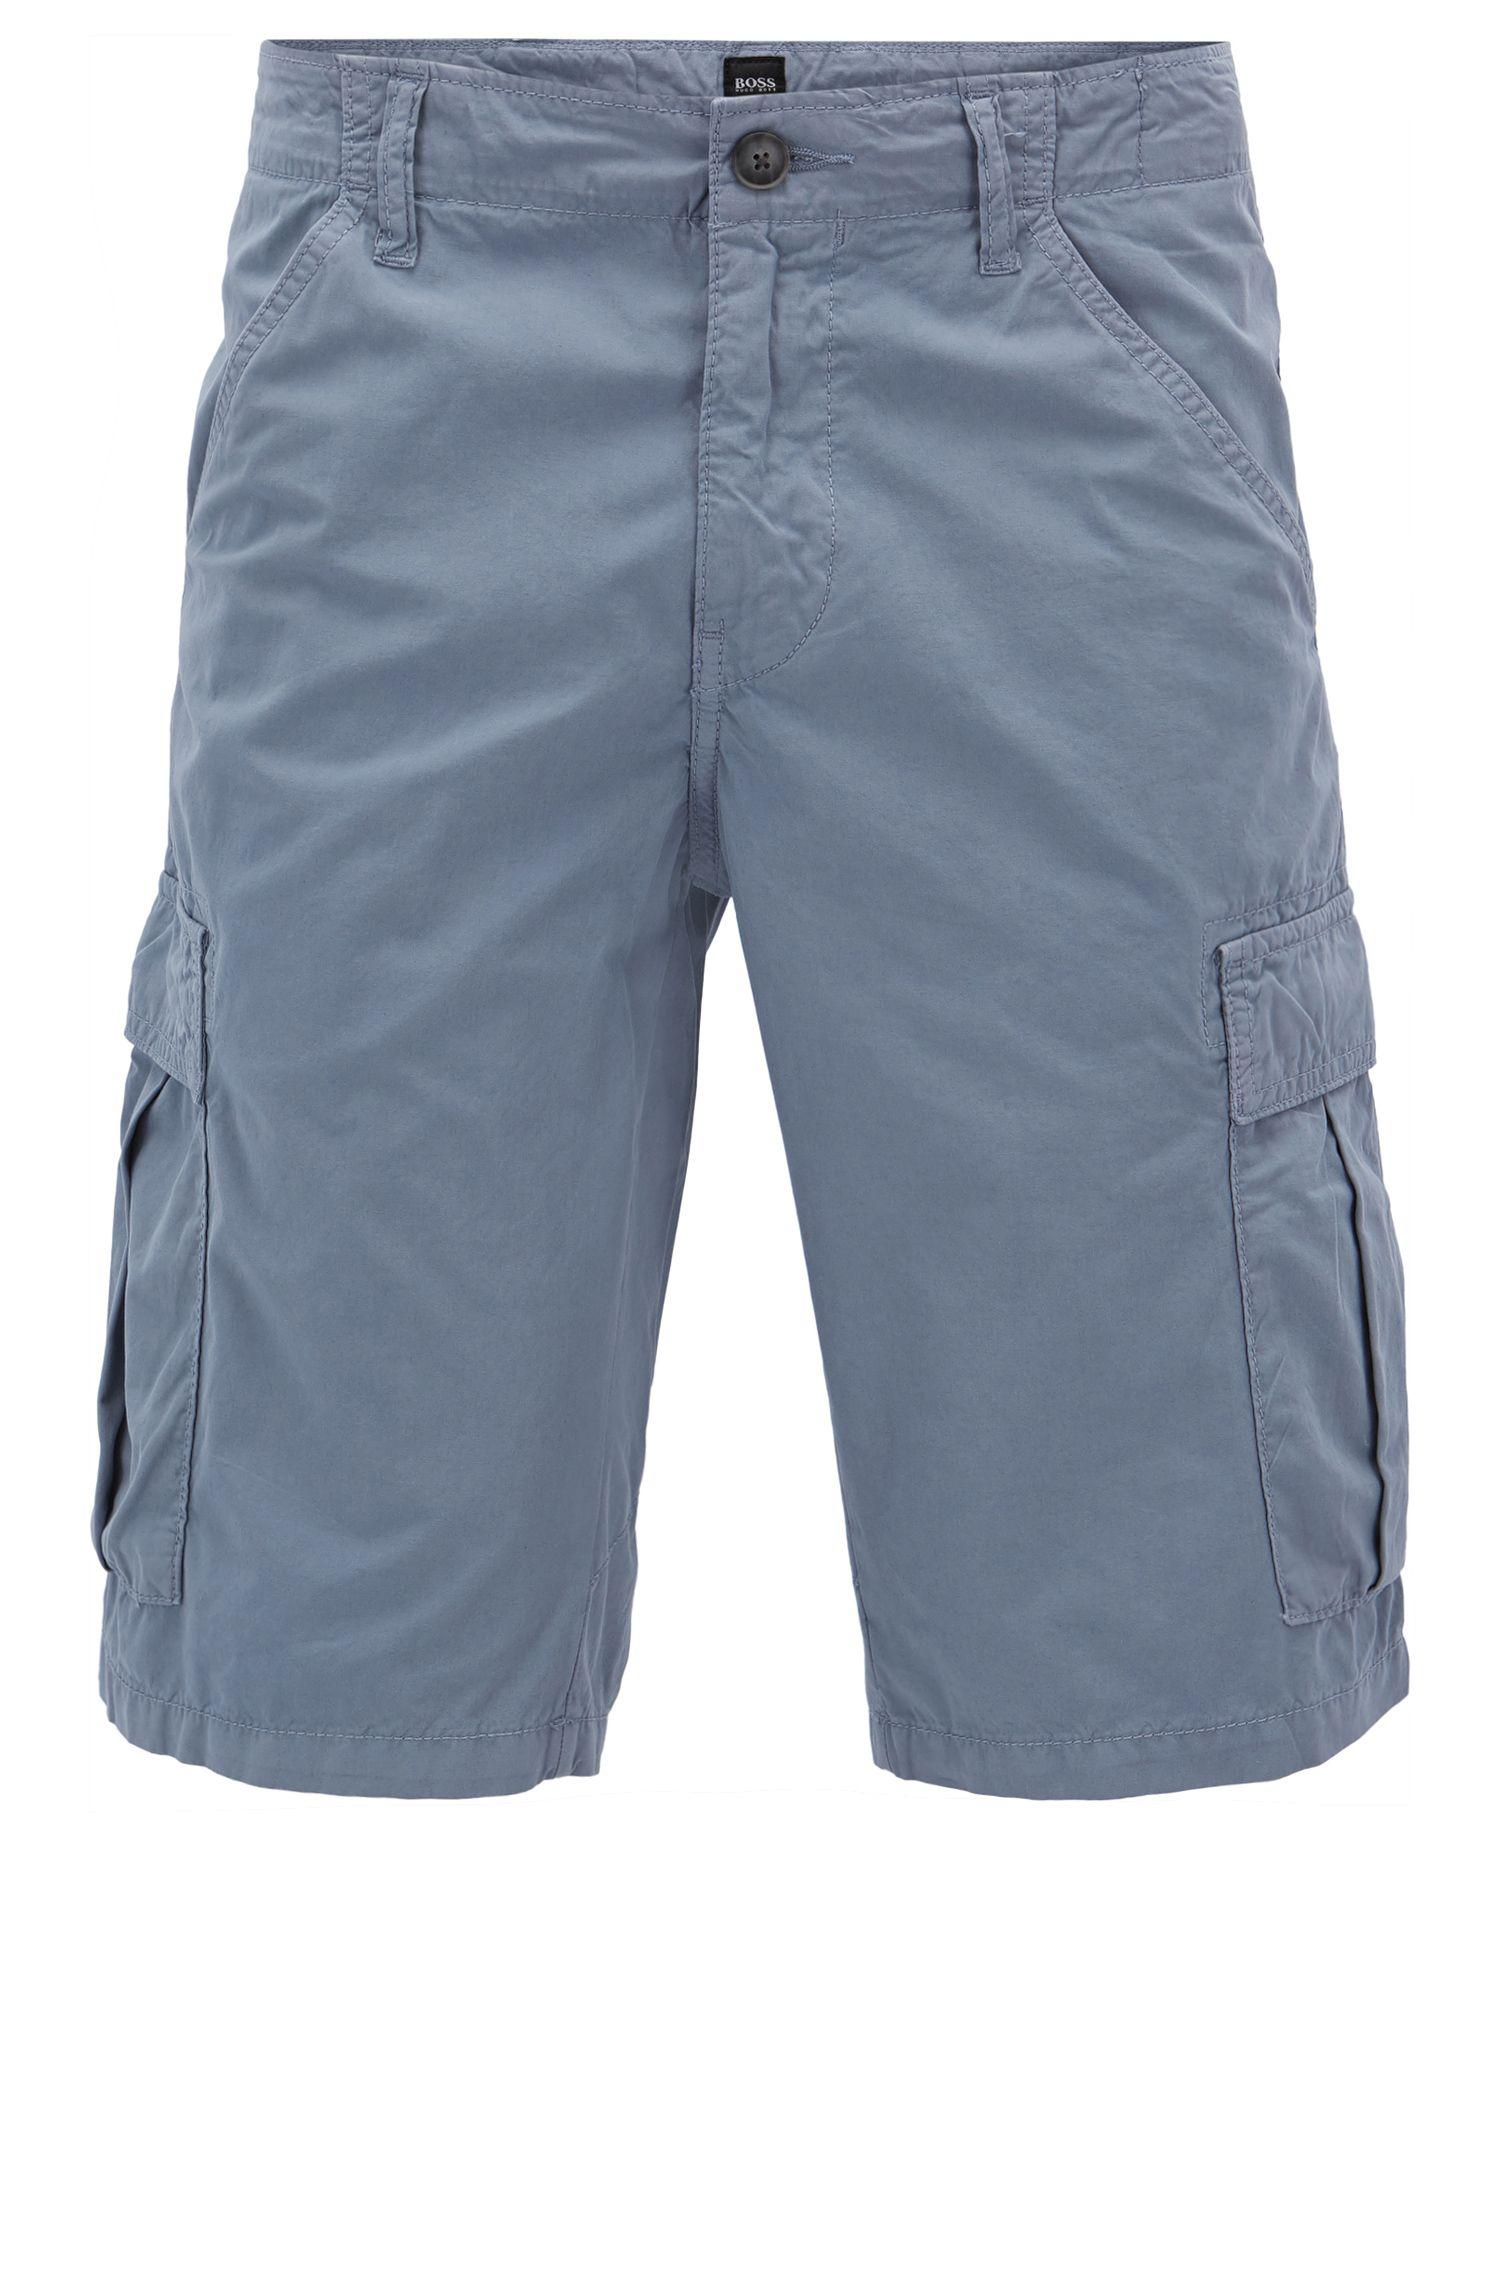 Shorts con pernera cónica en popelín de algodón con teñido doble